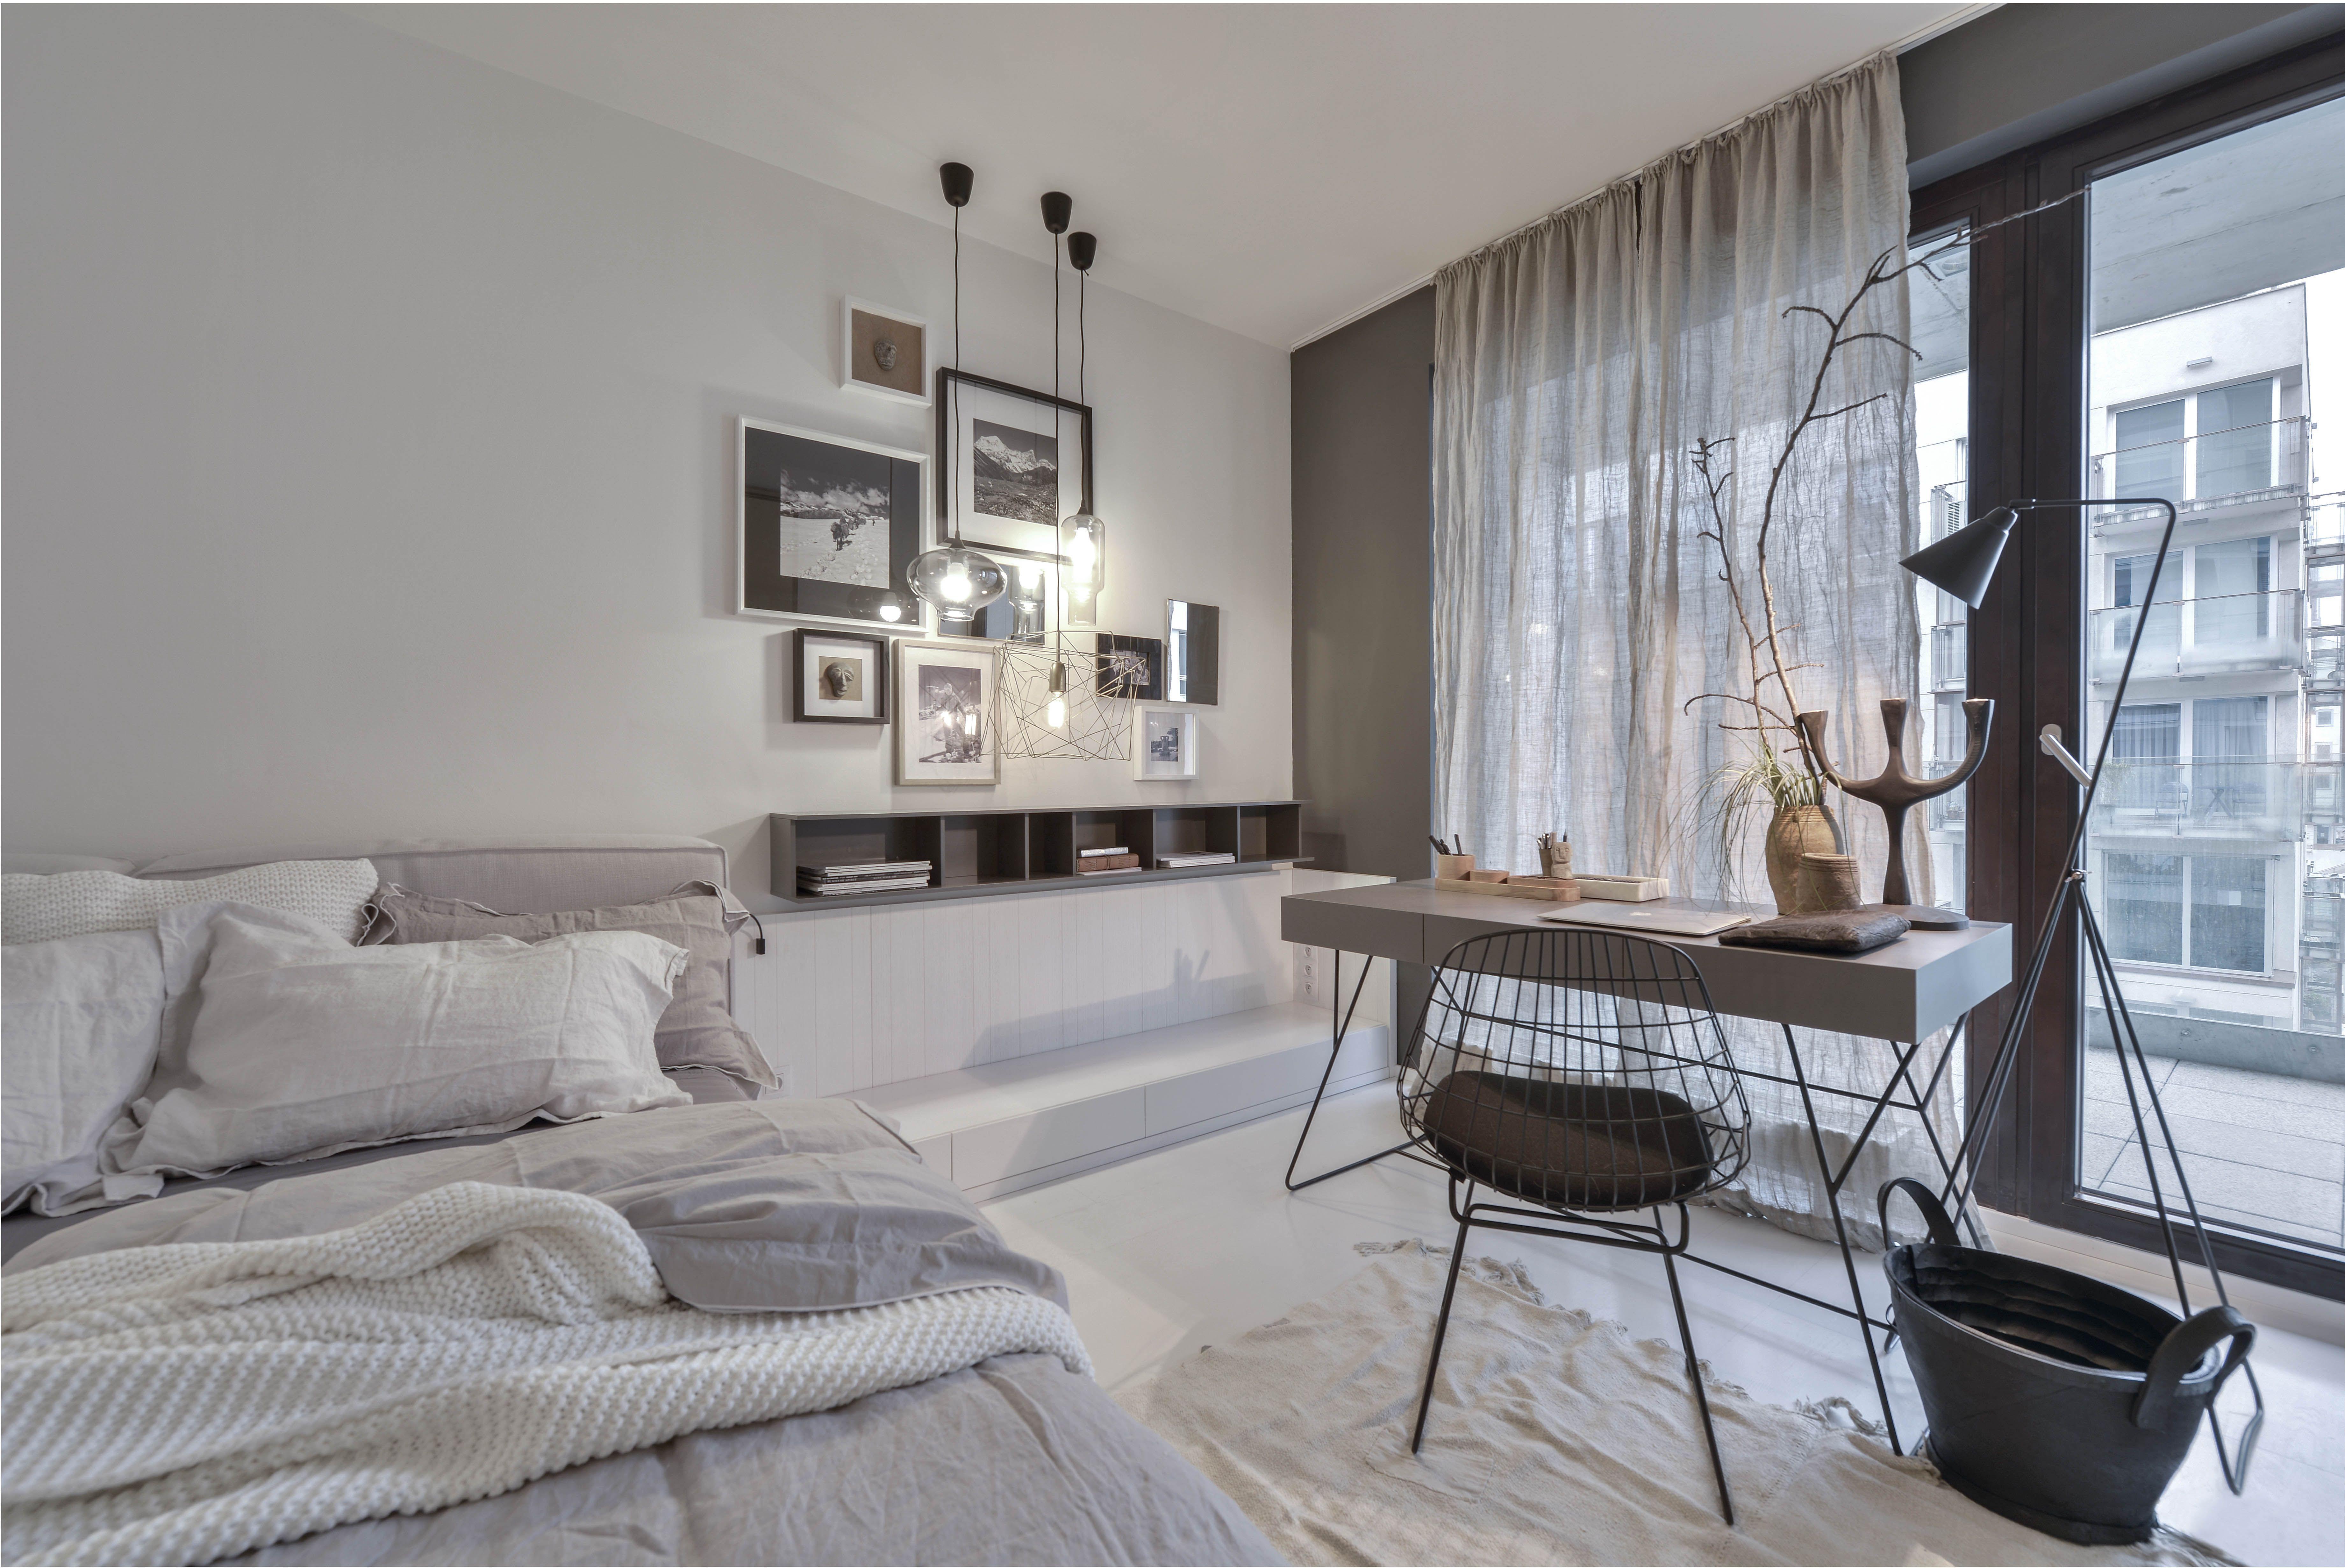 Amerikanische schlafzimmer ~ Architekt martin frank schlafzimmer loznice pinterest bedrooms